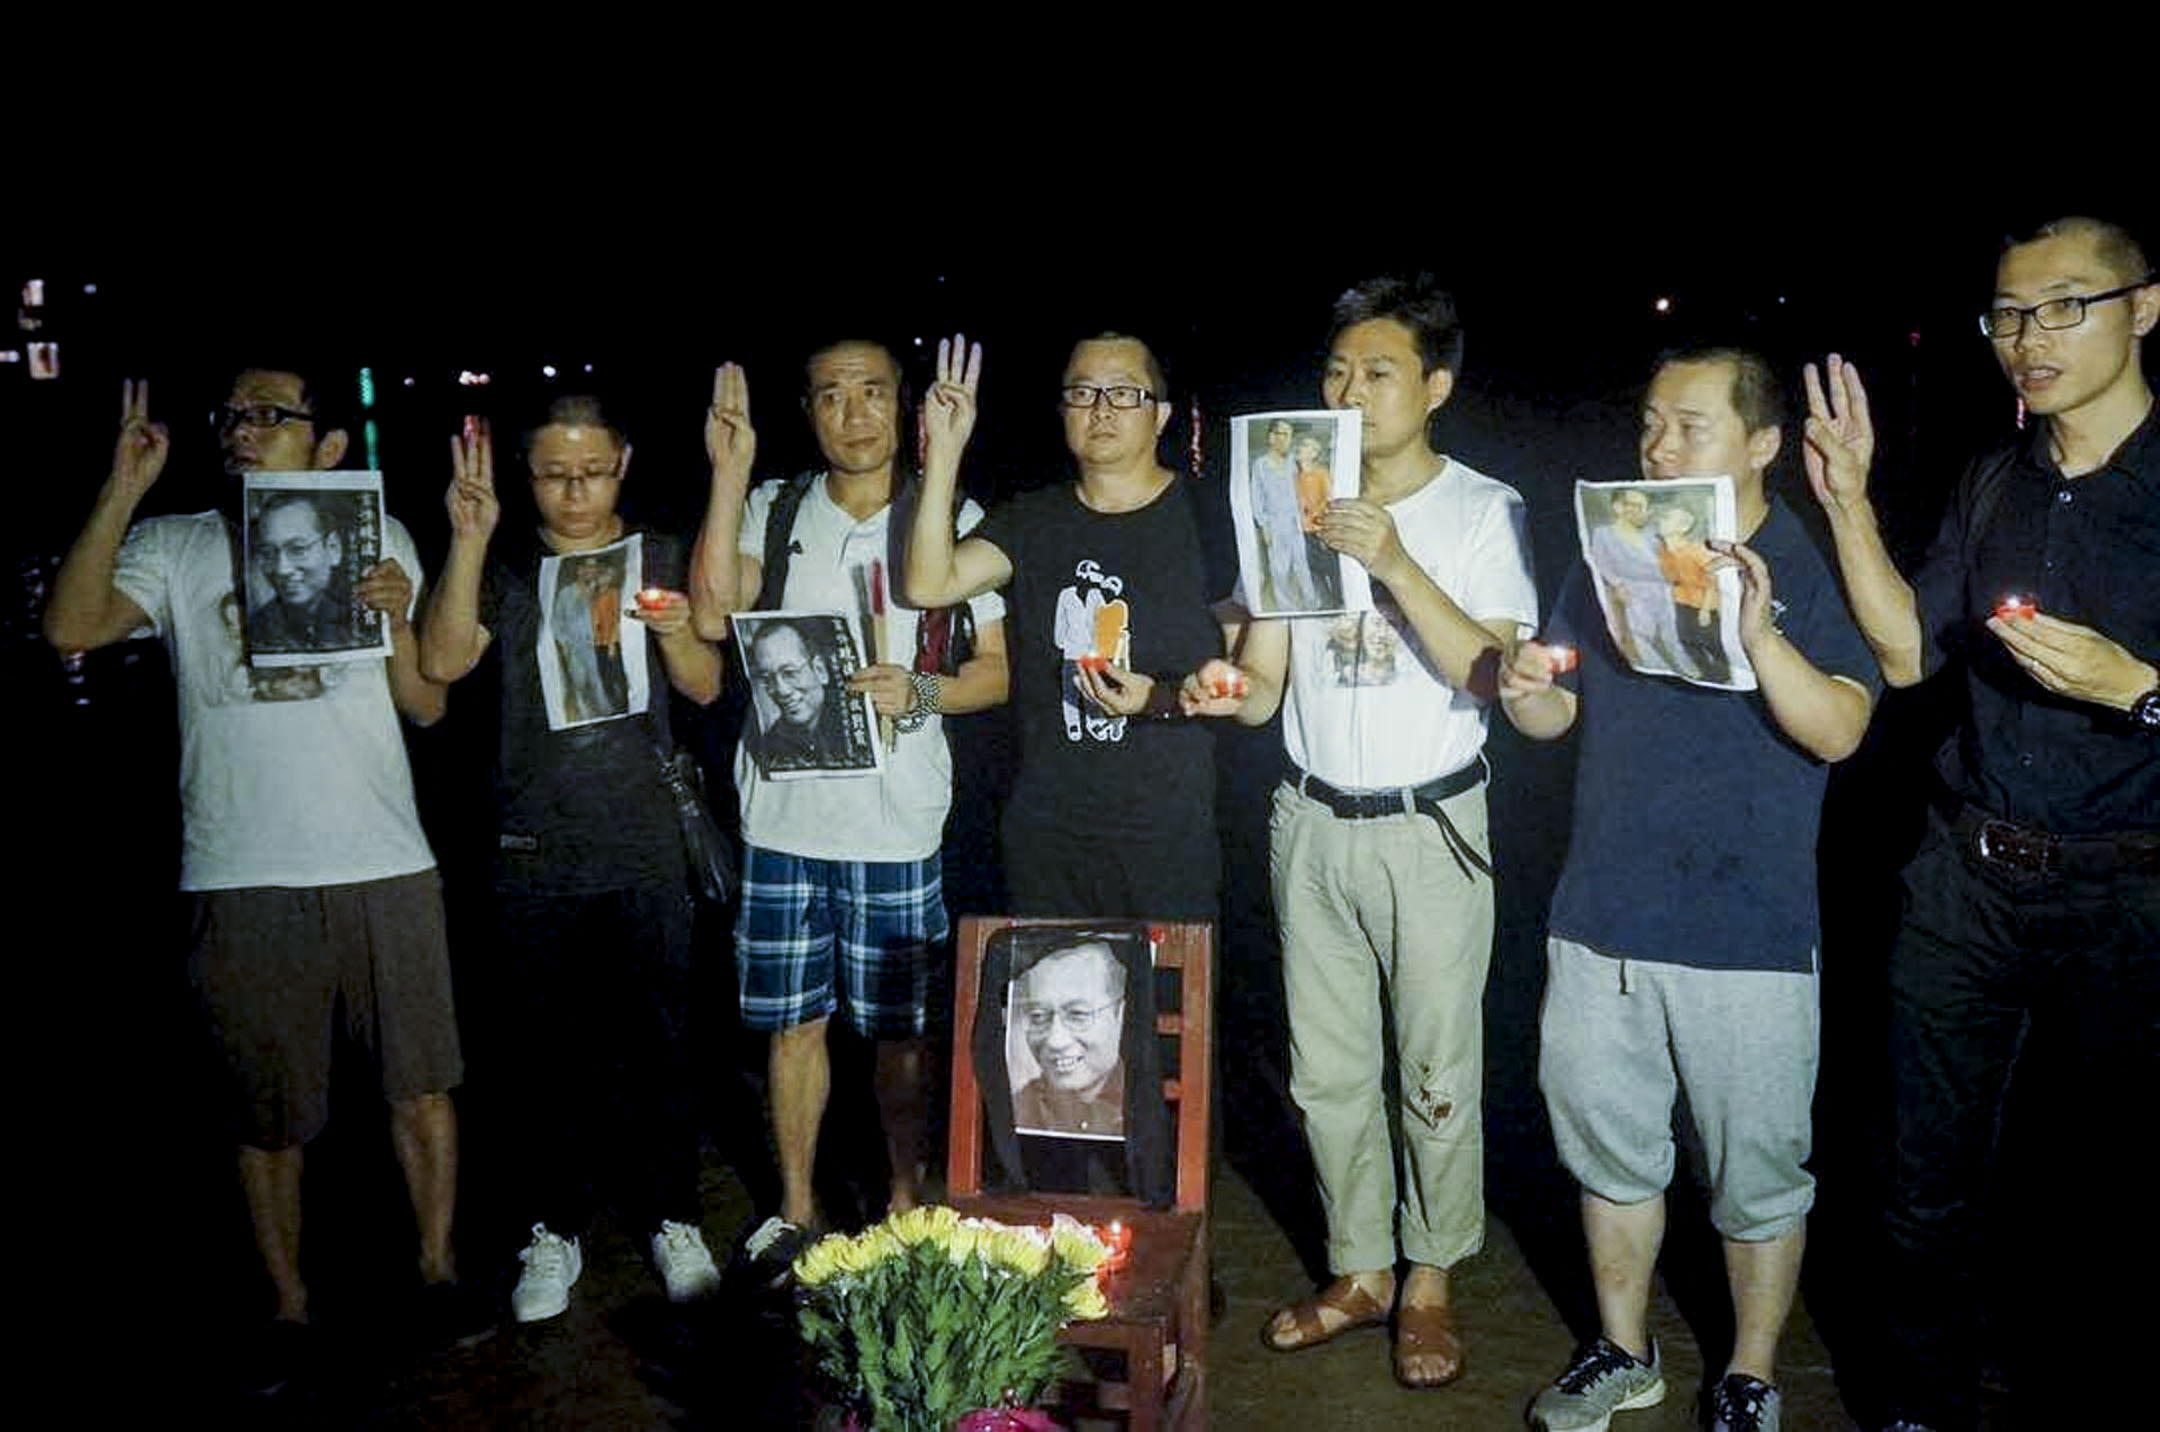 2017年7月19日,黎學文和十多位中國公民曾在廣東新會的海邊,奠祭諾貝爾和平獎得主劉曉波先生。 圖片來源:曉波助瀾會(@xiaowaves) /Twitter